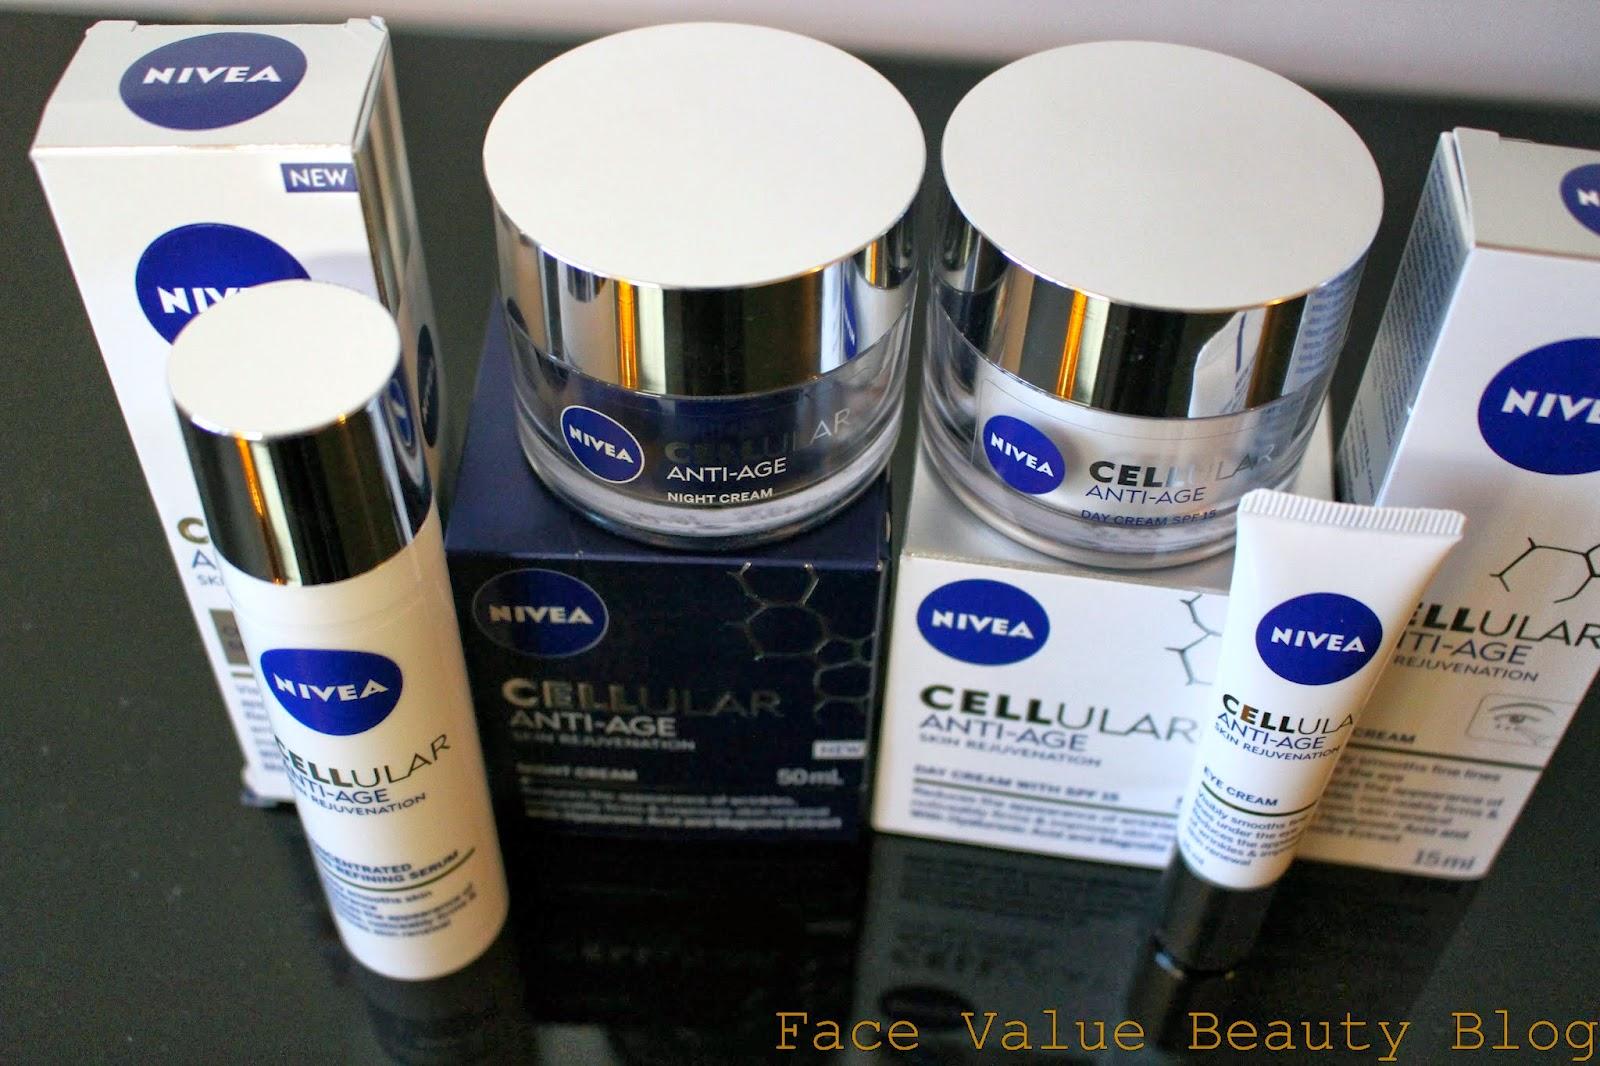 Nivea Cellular Anti Age Day Cream SPF Review